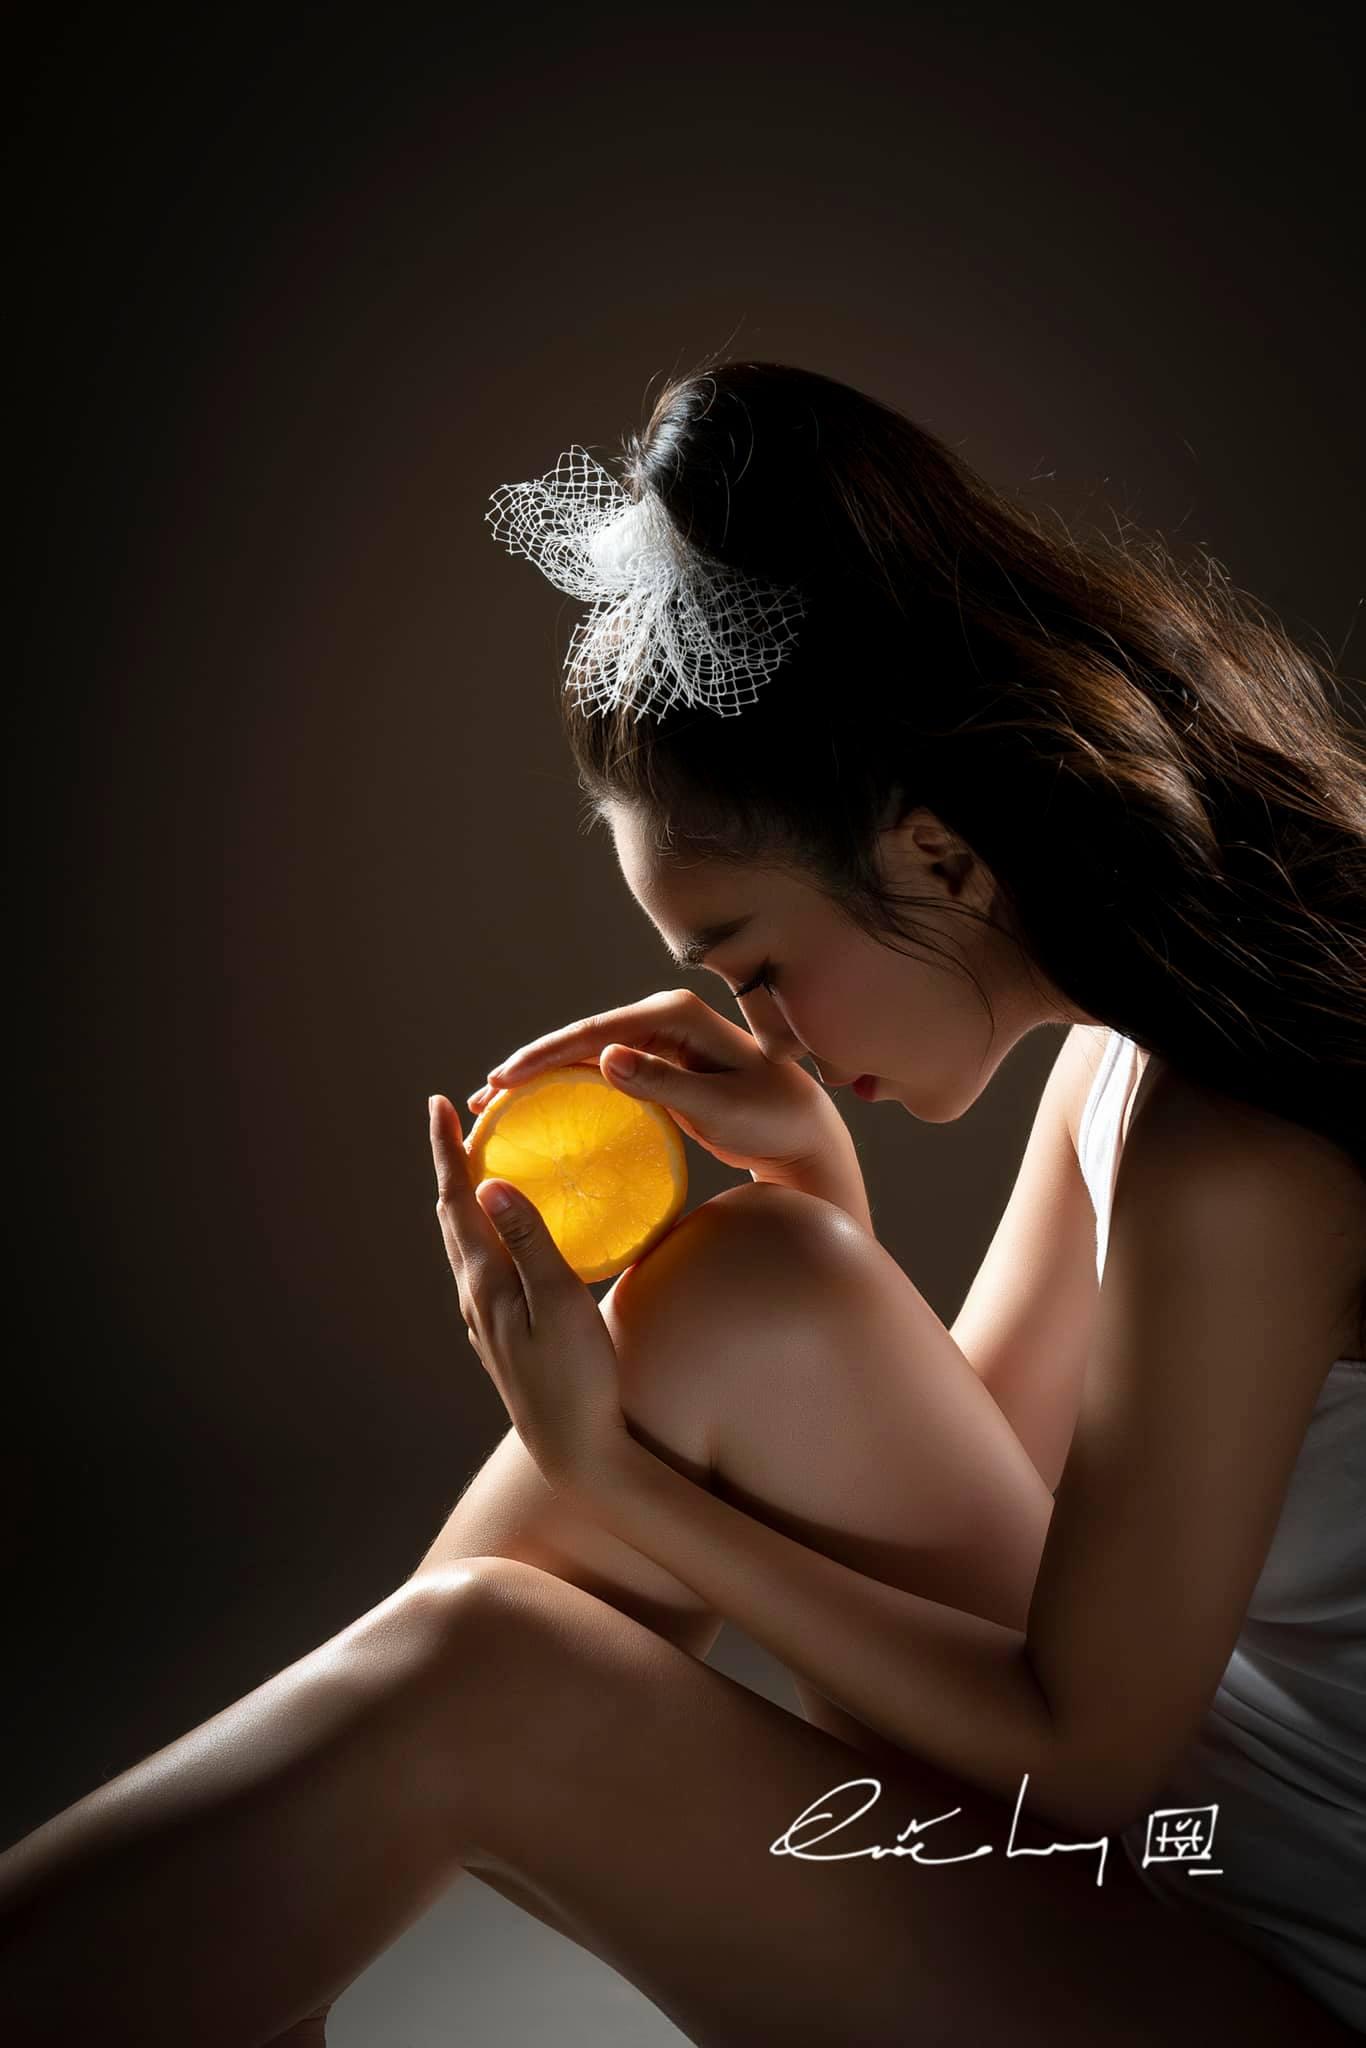 hien thuc khoe lan da cang muot chung minh nhan sac khong tuoi trong bo anh moi 6